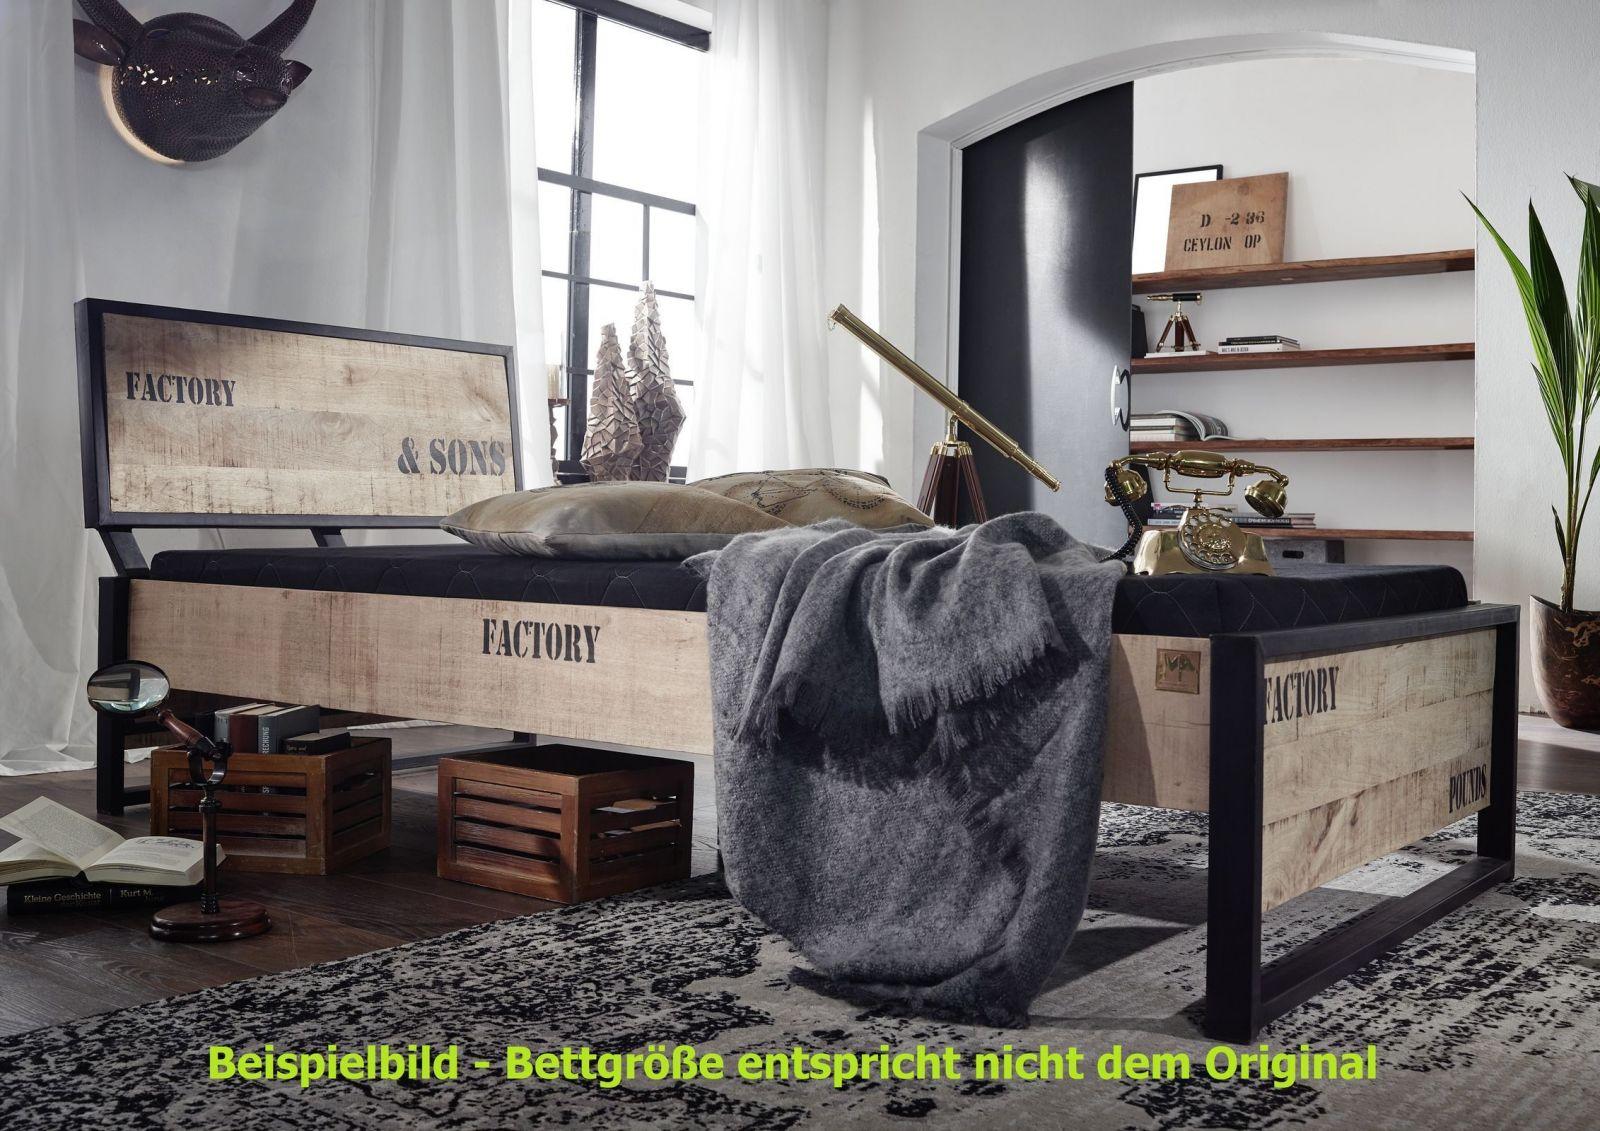 Full Size of Außergewöhnliche Betten Moebel De Xxl Günstige 140x200 180x200 Günstig Kaufen Weiße Gebrauchte Münster Outlet Oschmann Designer Dänisches Bettenlager Bett Außergewöhnliche Betten